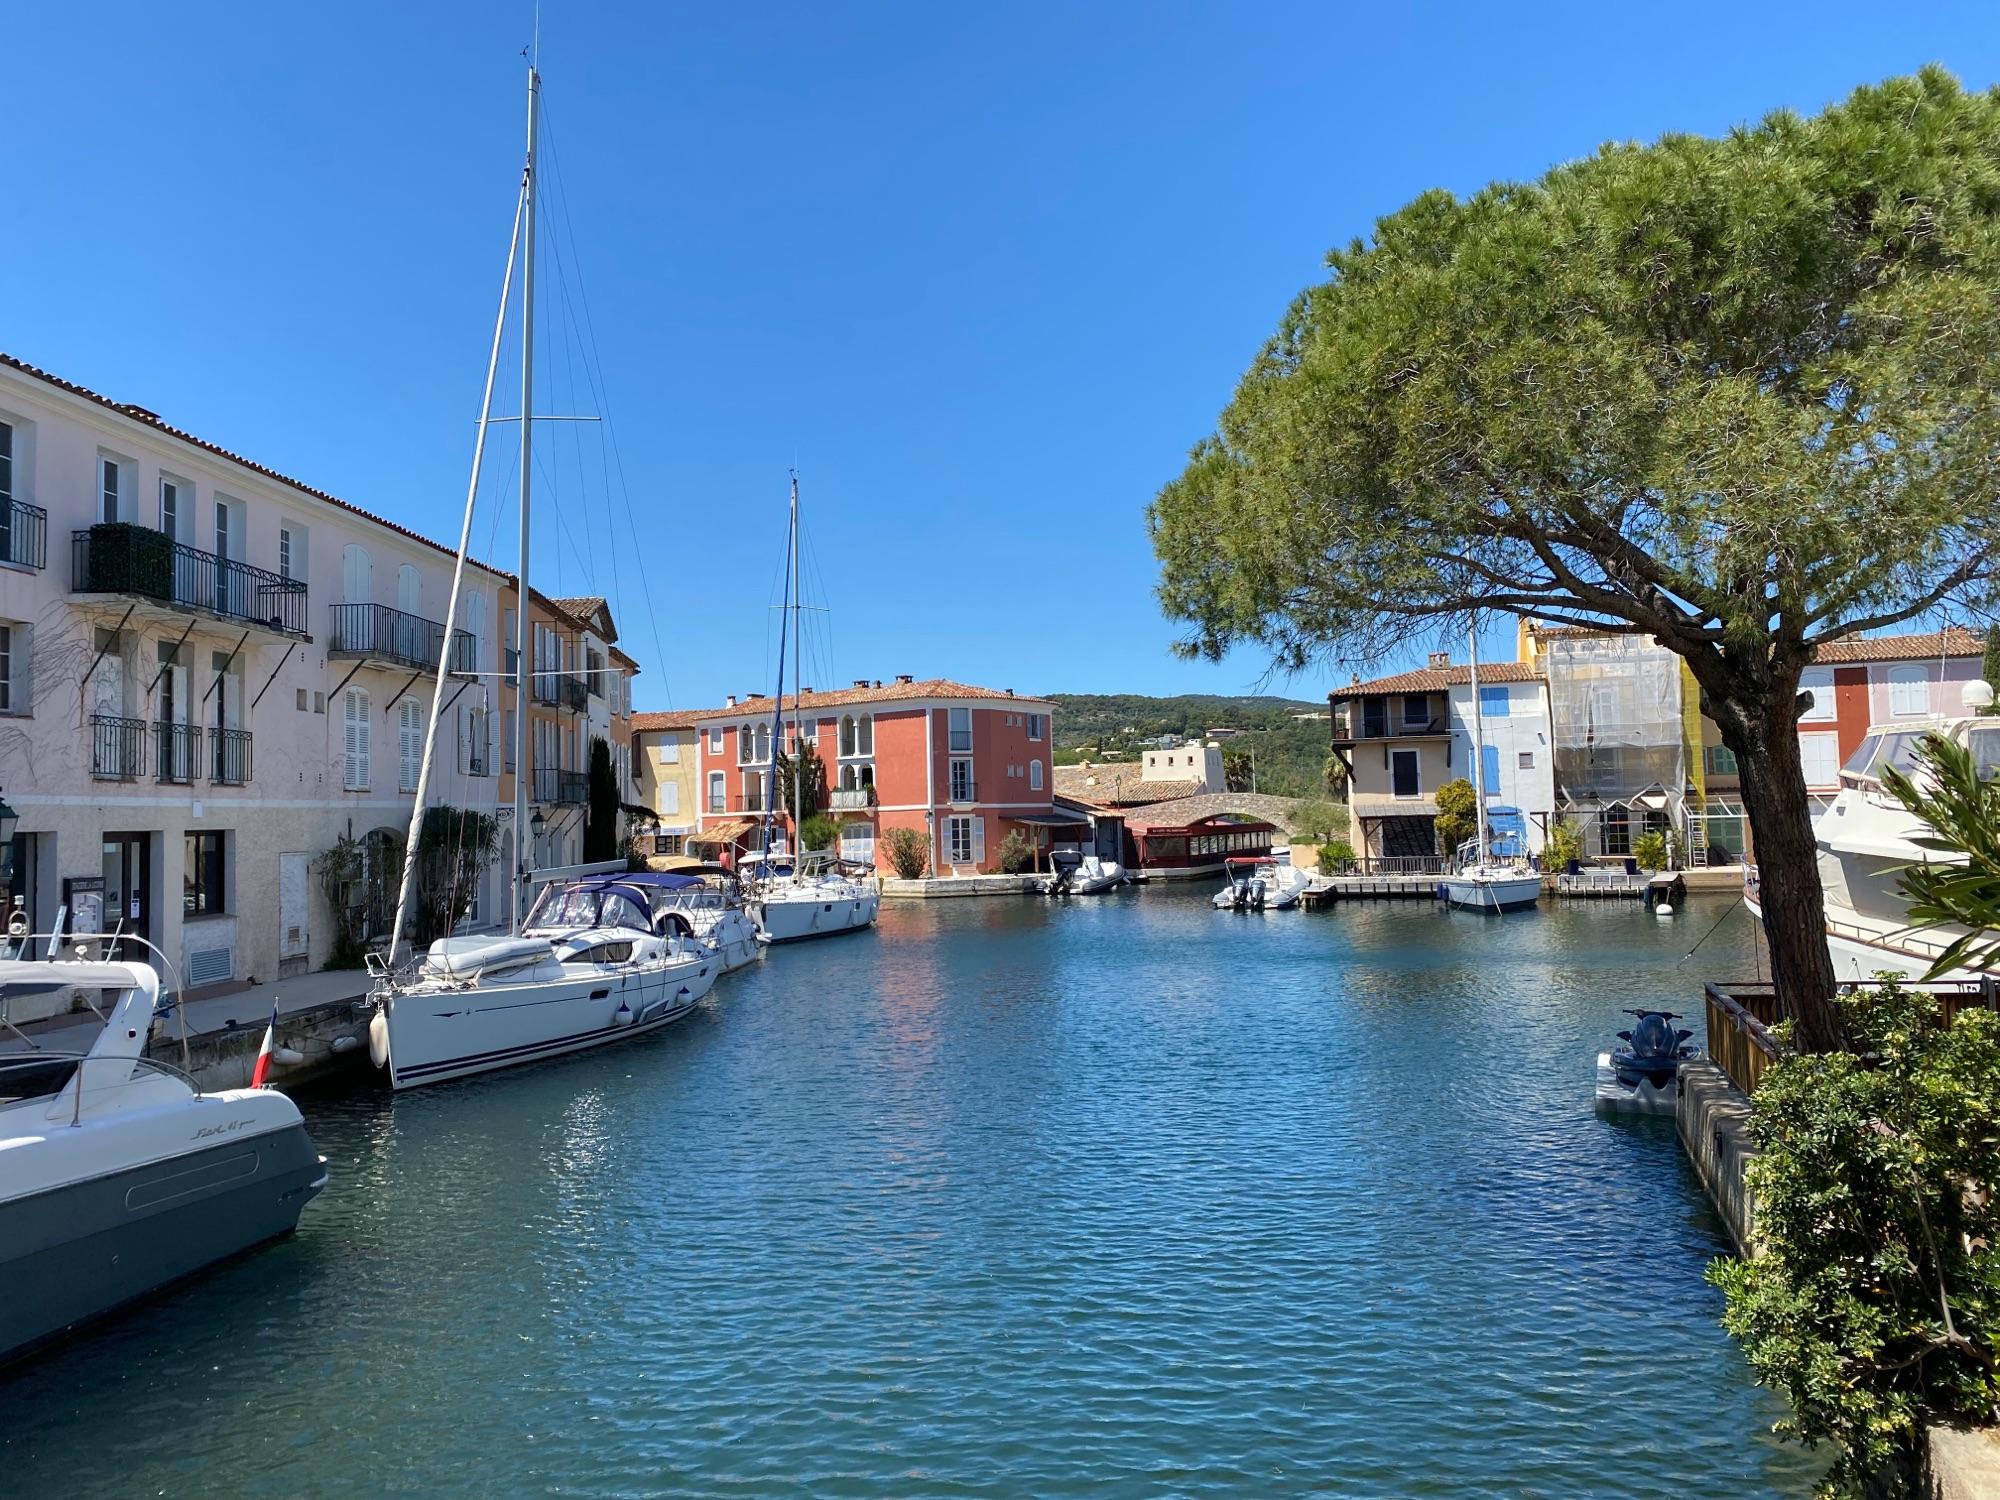 Город Port-Grimaud, пуст пока, с венецианской парковкой до города, тоже пустой.